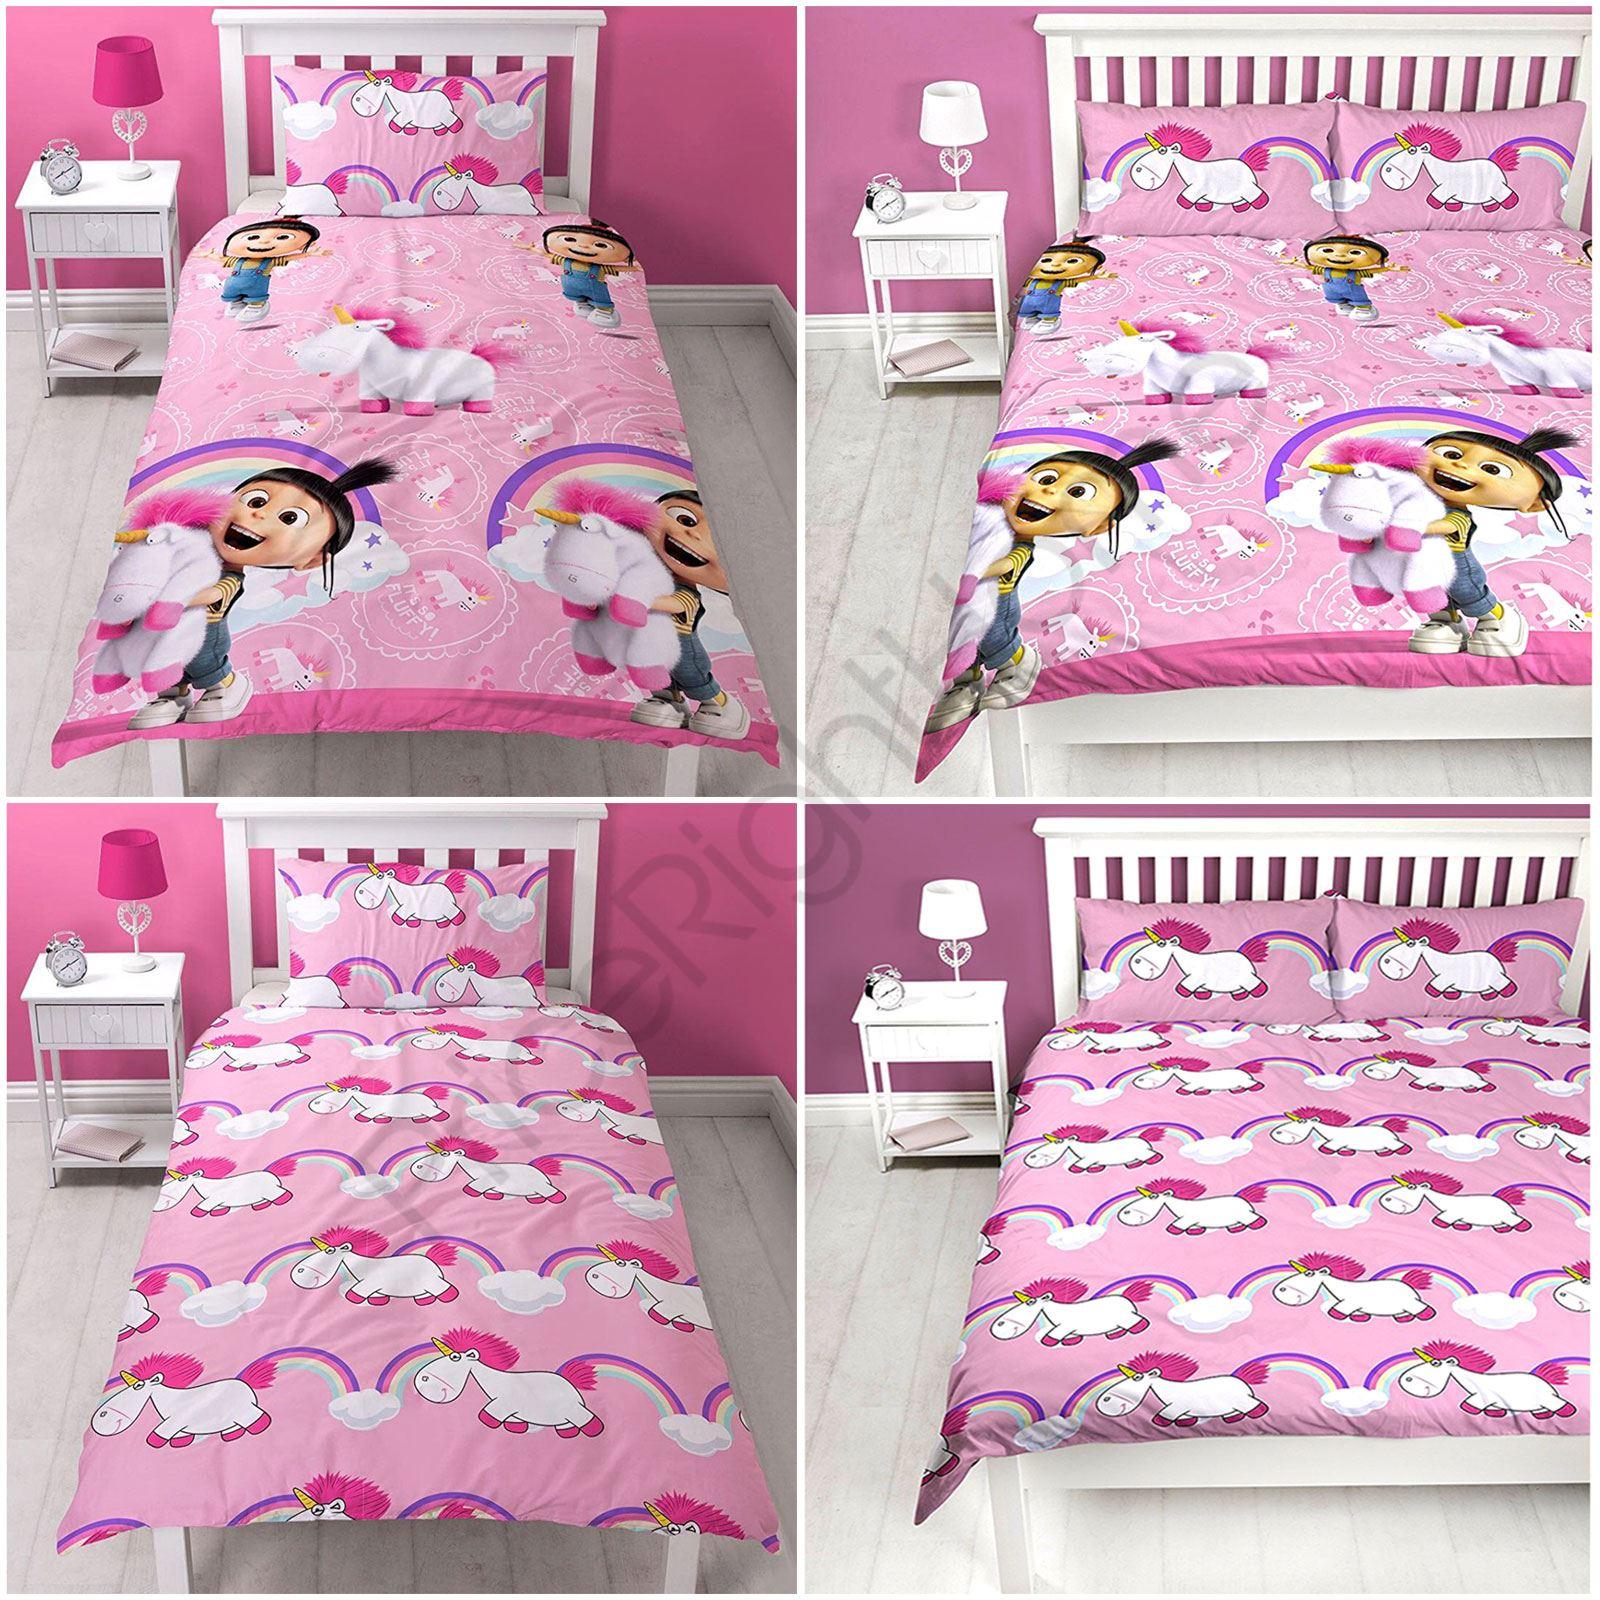 Despicable Me Fluffy Unicorn Duvet Cover Set Kids